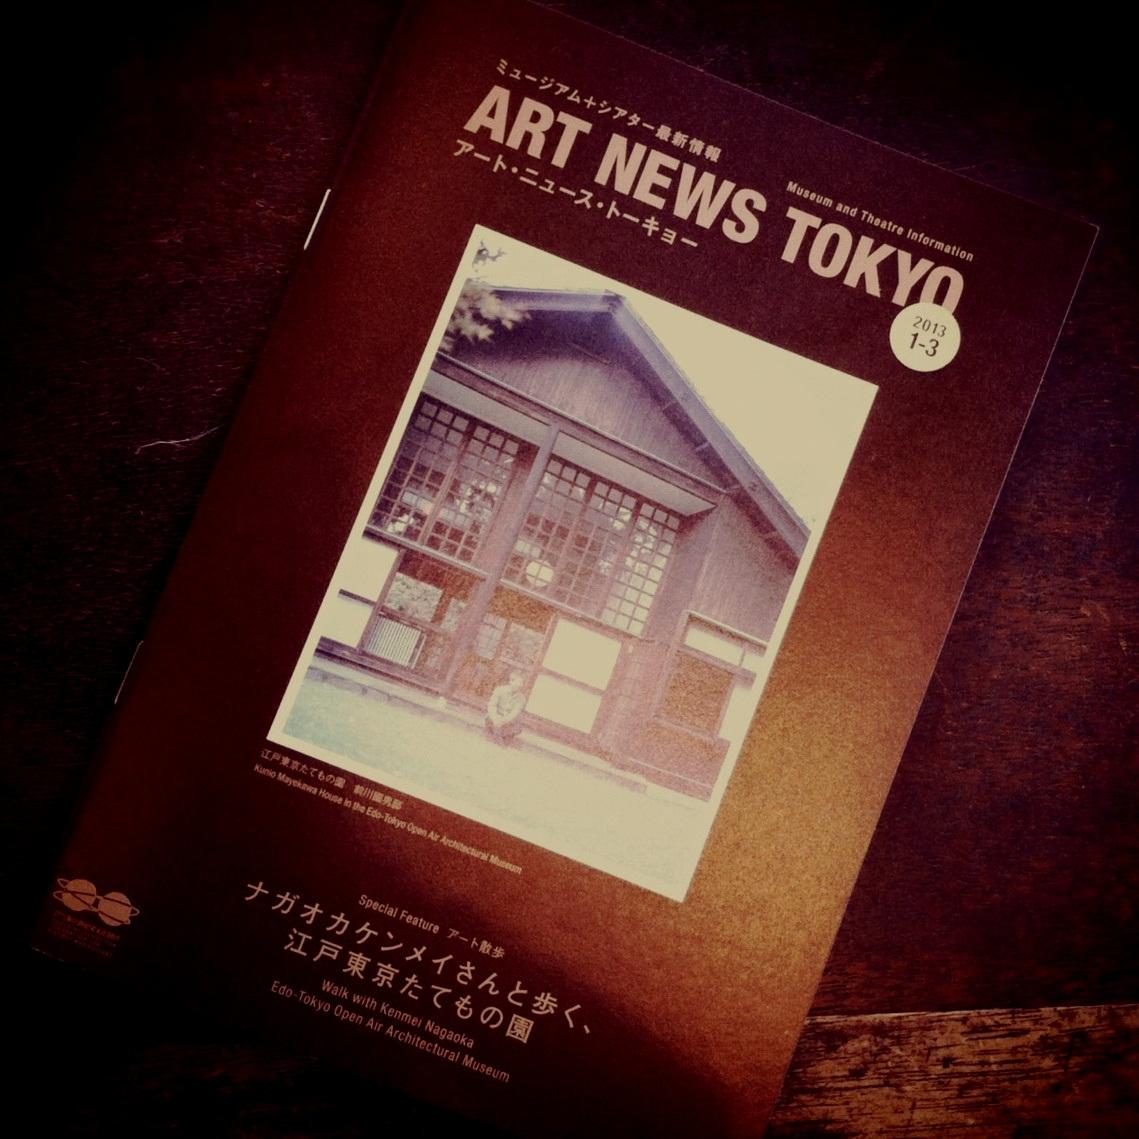 ART NEWS TOKYO_a0123451_1327241.jpg